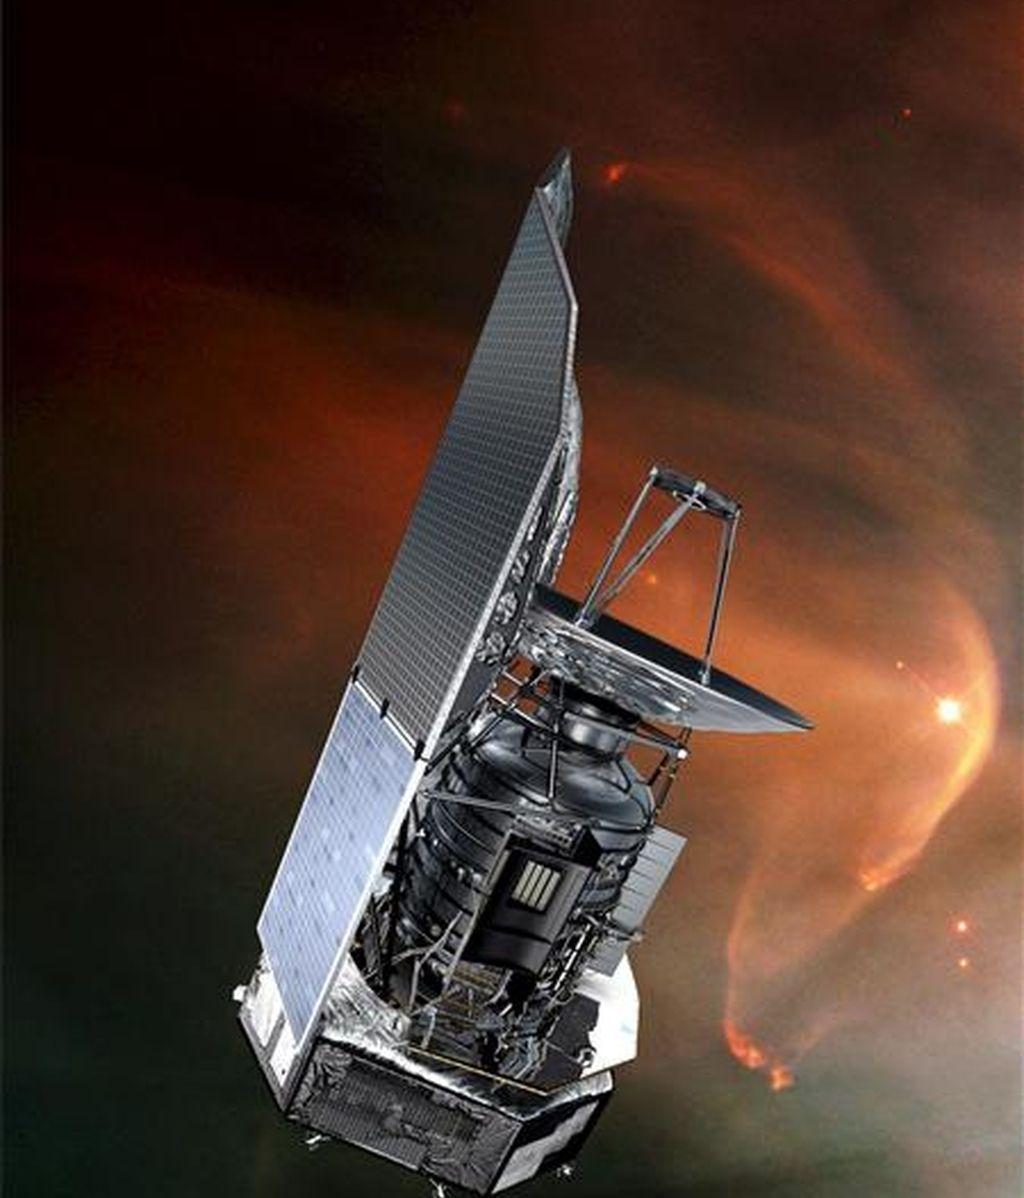 Simulación sin fechar de la Agencia Espacial Europea (ESA) que muestra el satélite espacial Herschel. EFE/ESA /AOES Medialab